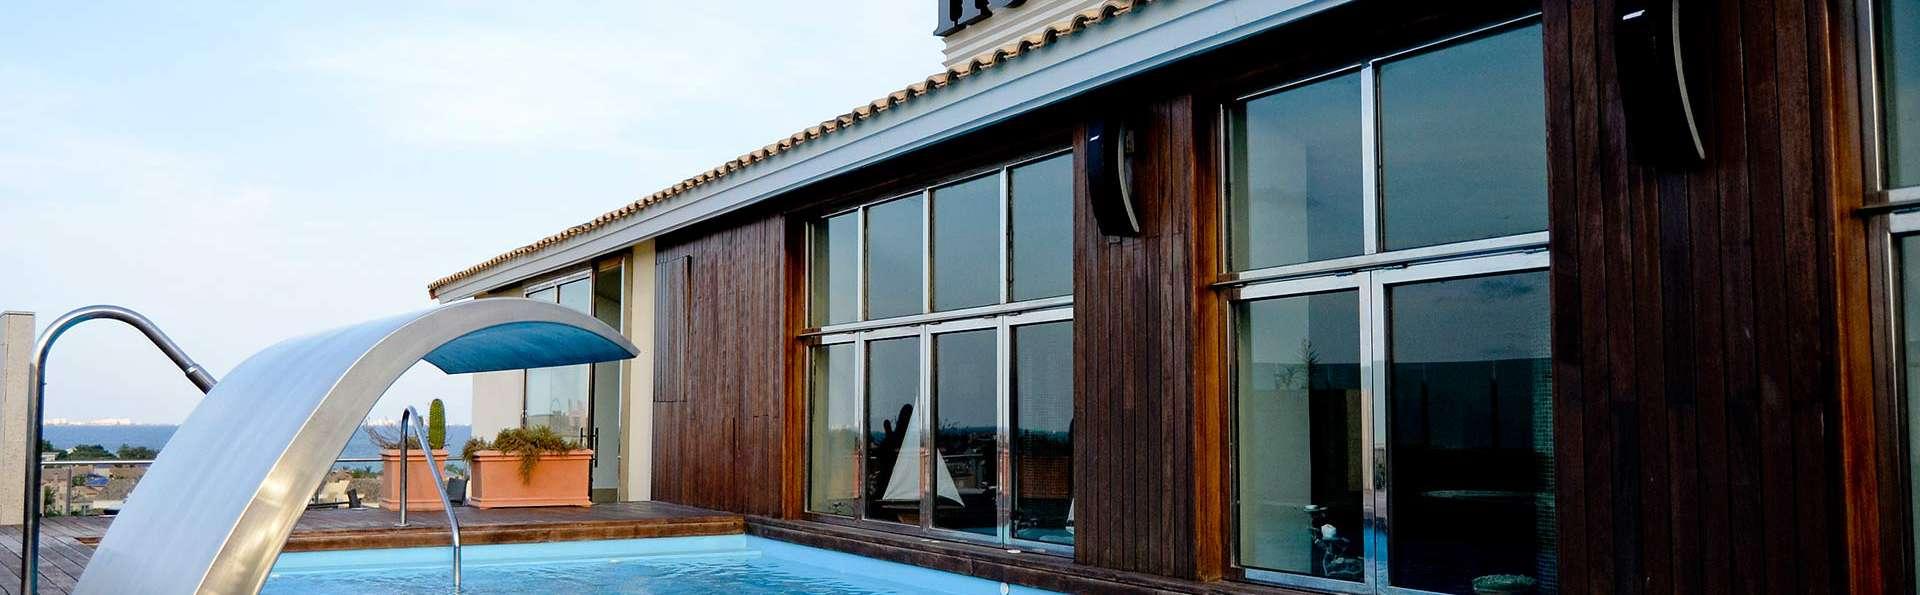 Hotel 525 - EDIT_pool.jpg